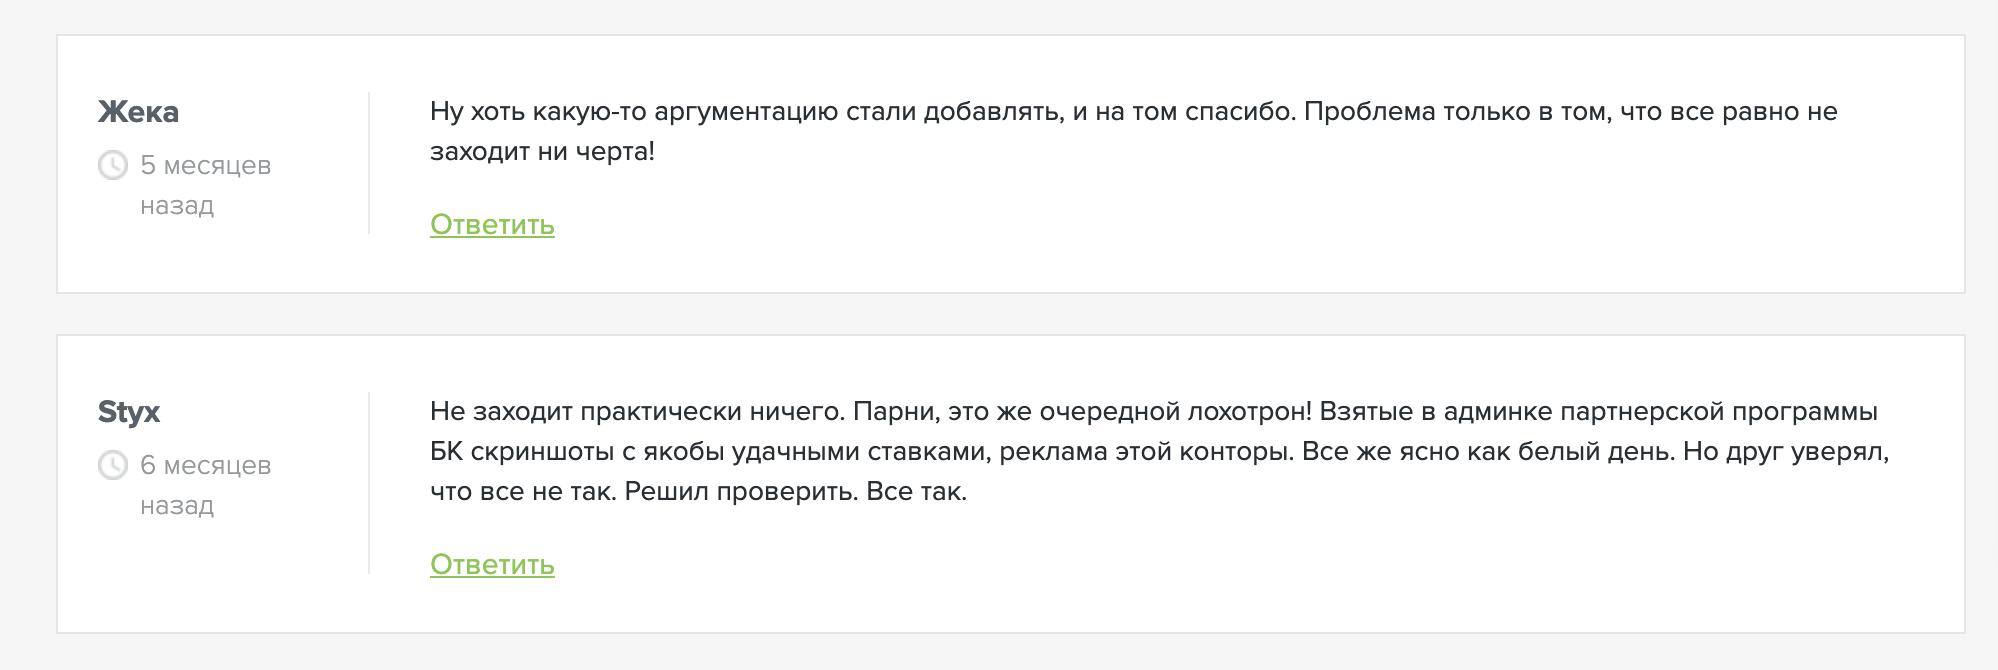 Отзывы о телеграм канале Xtalbet